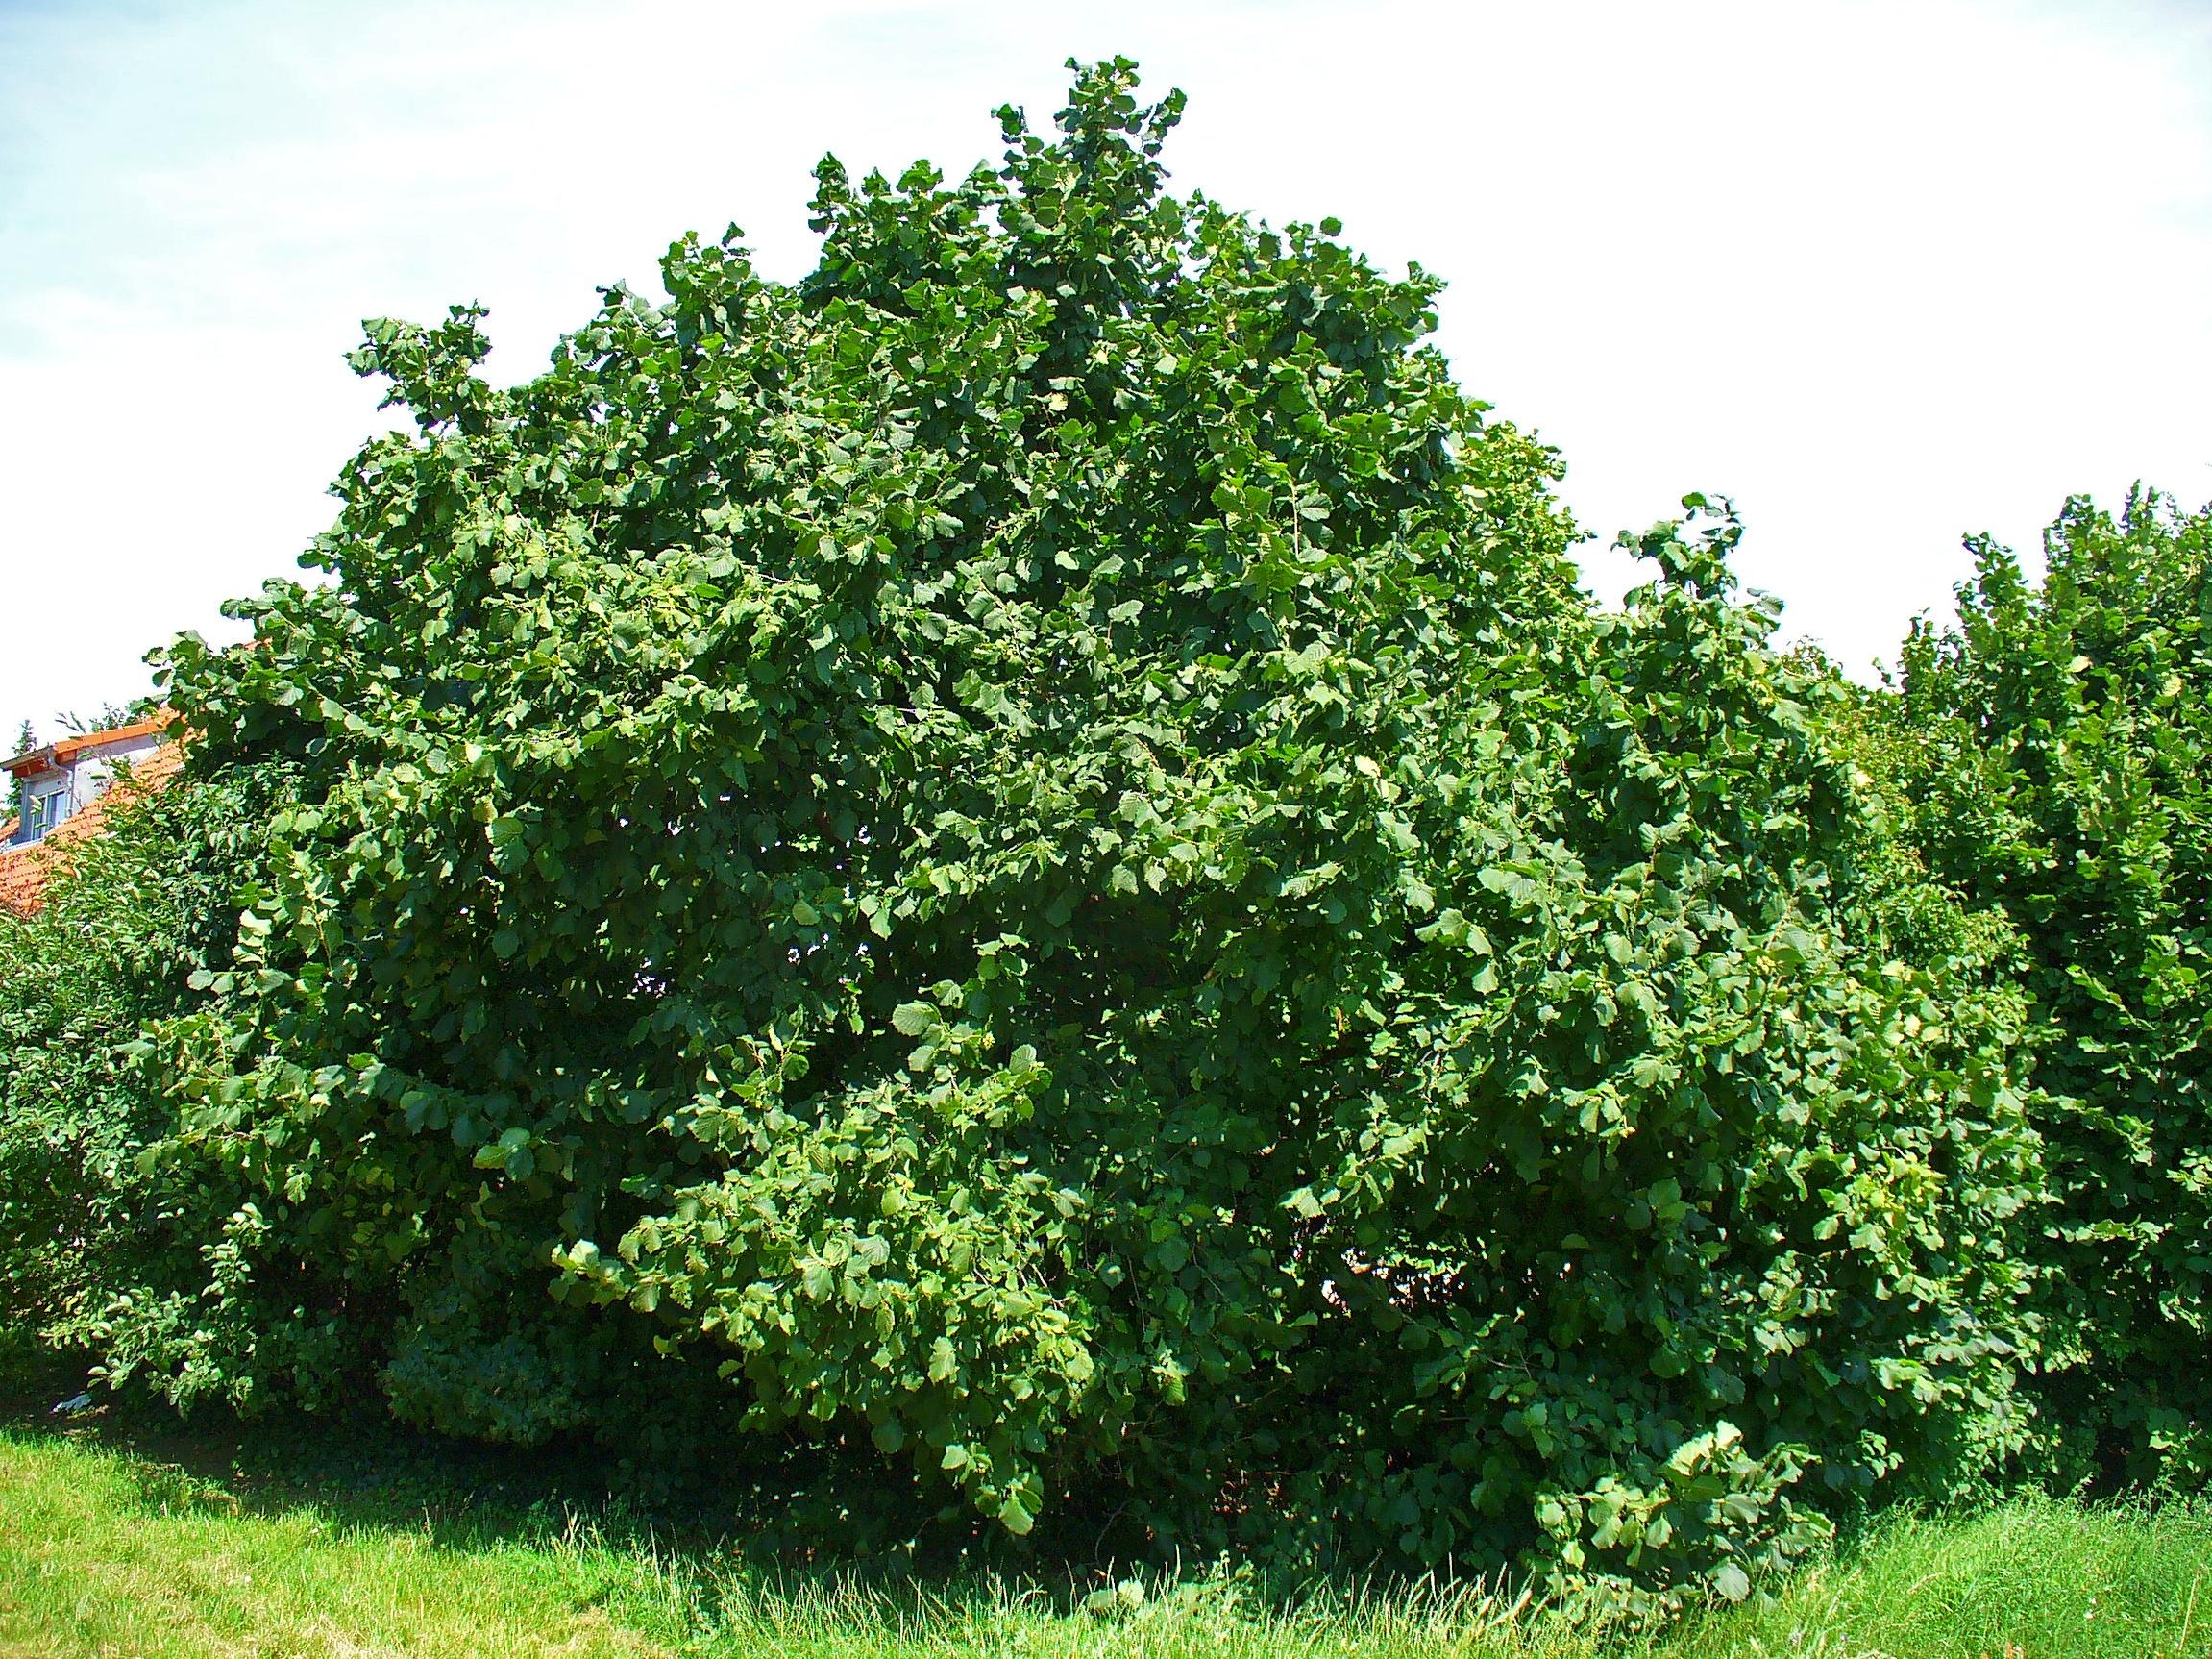 Corylus_avellana_fonte wikipediacommons